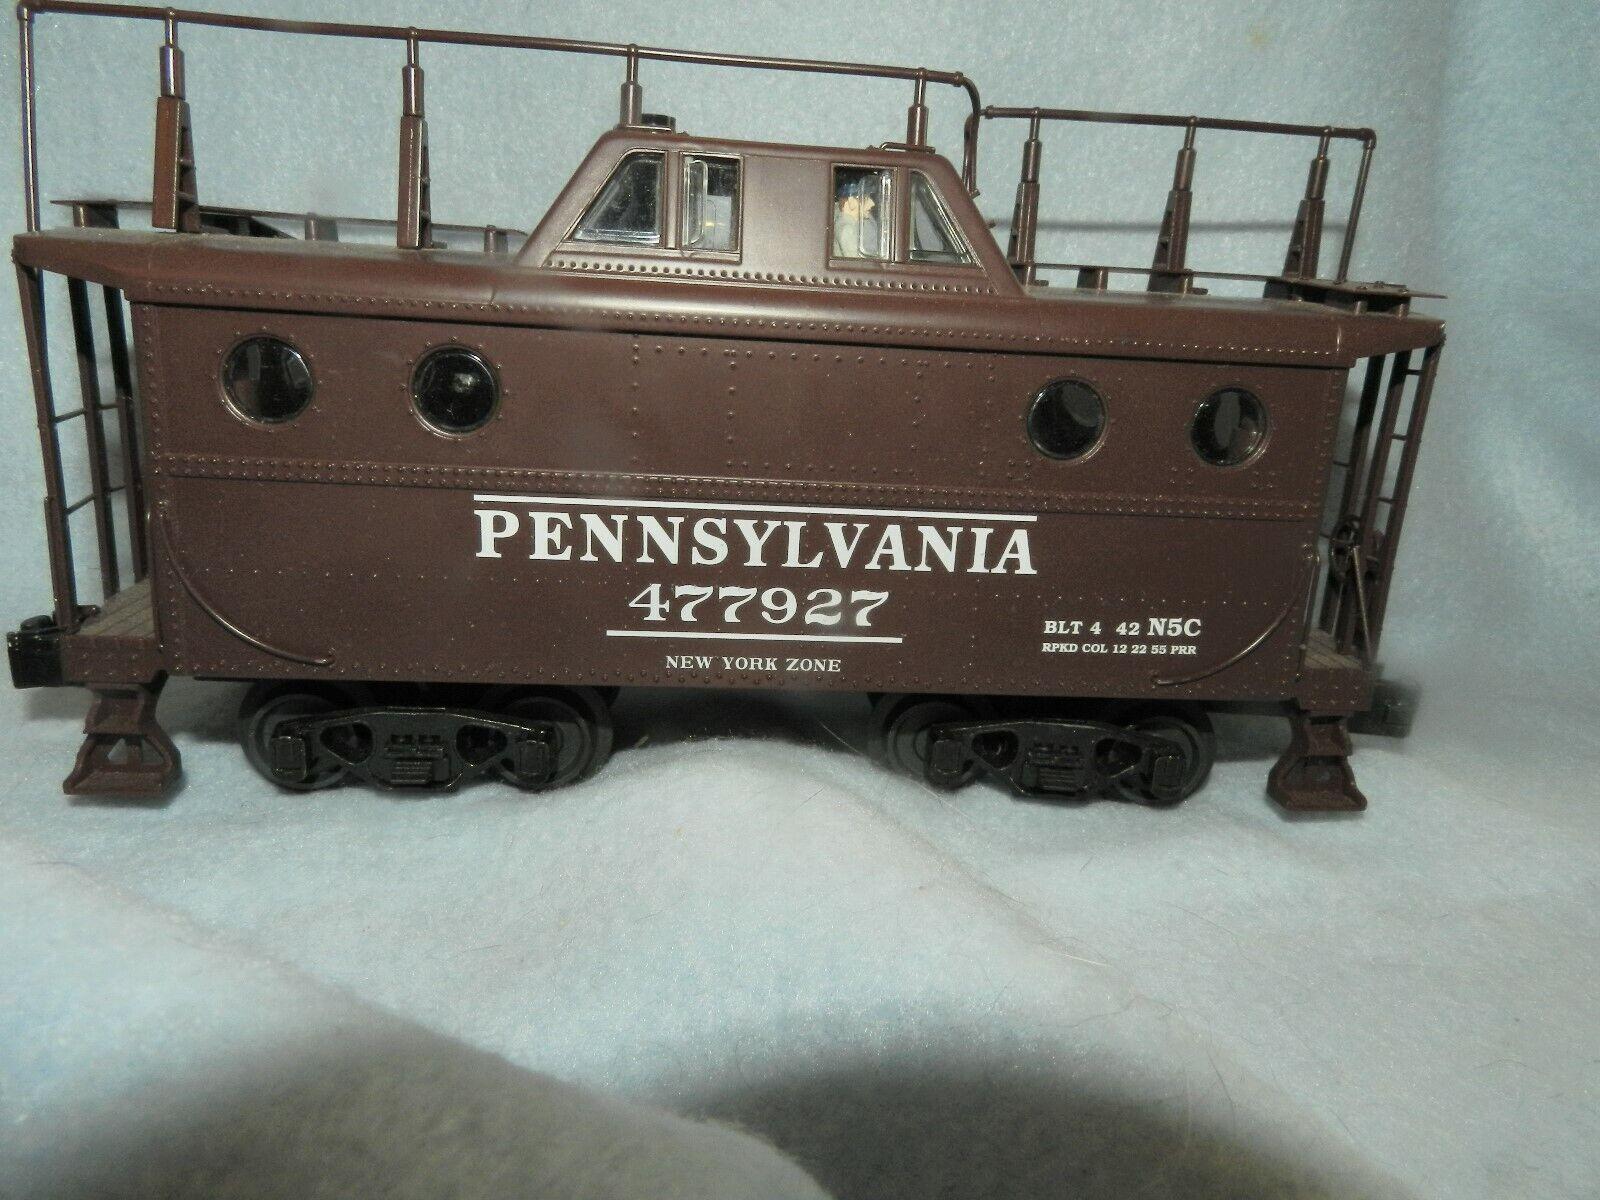 A Lionel Pennsylvania 477927 nuovo York Zone Caboose Lighted OScale modellolo Train